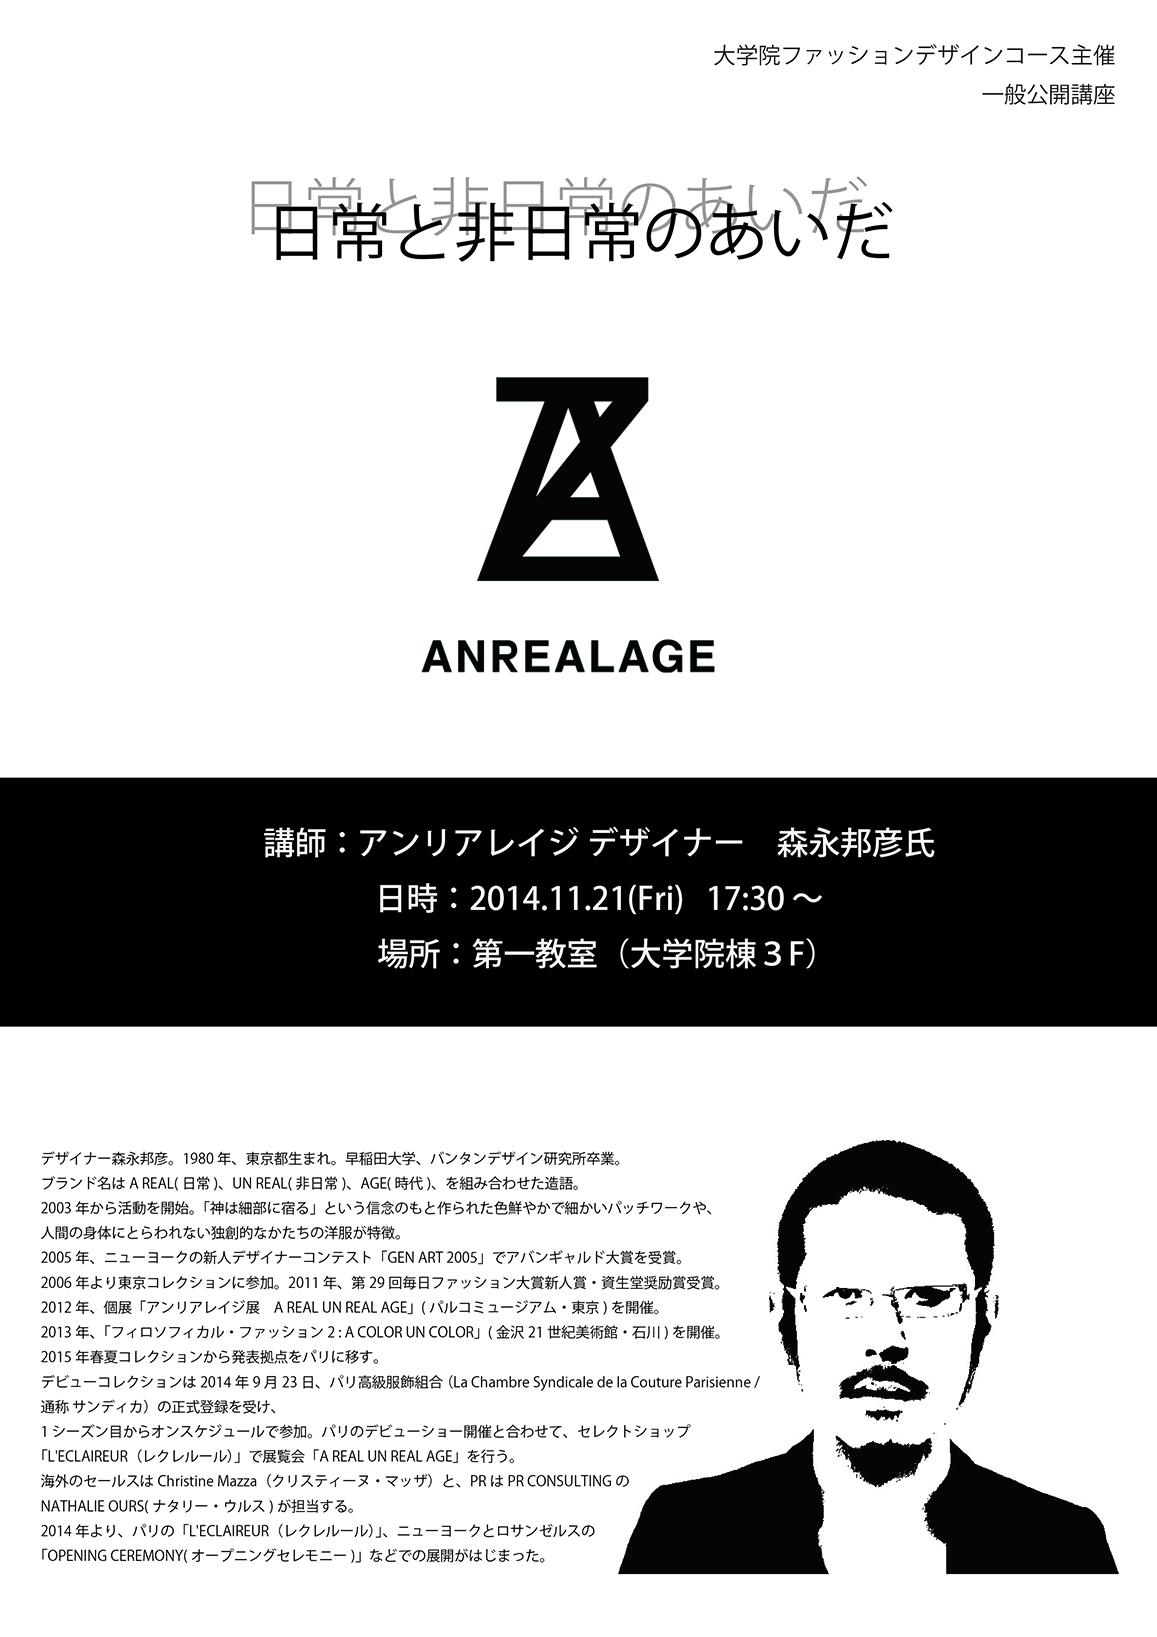 アンリアレイジデザイナー 森永邦彦氏 講演会